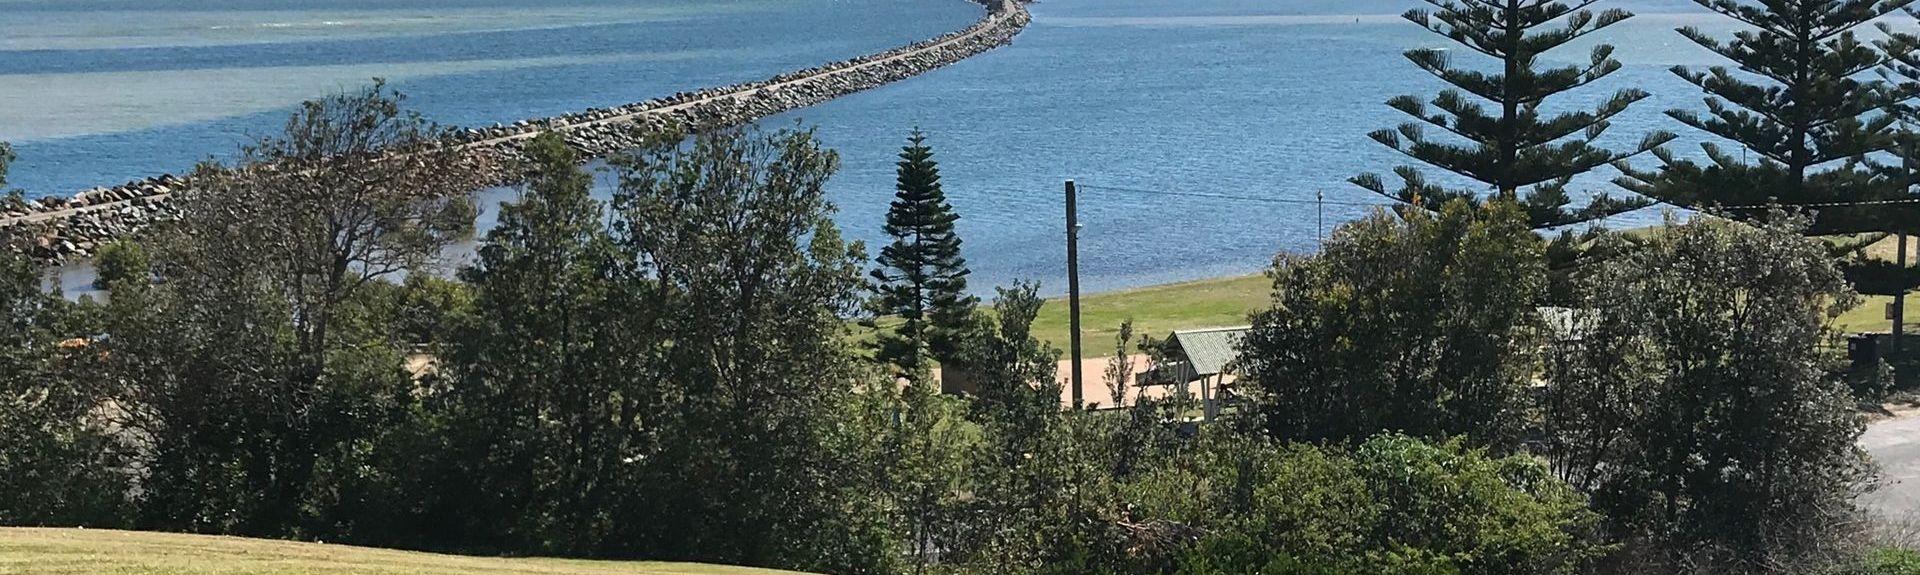 Parc Queen Elizabeth, Taree, Nouvelle-Galles-du-Sud, Australie